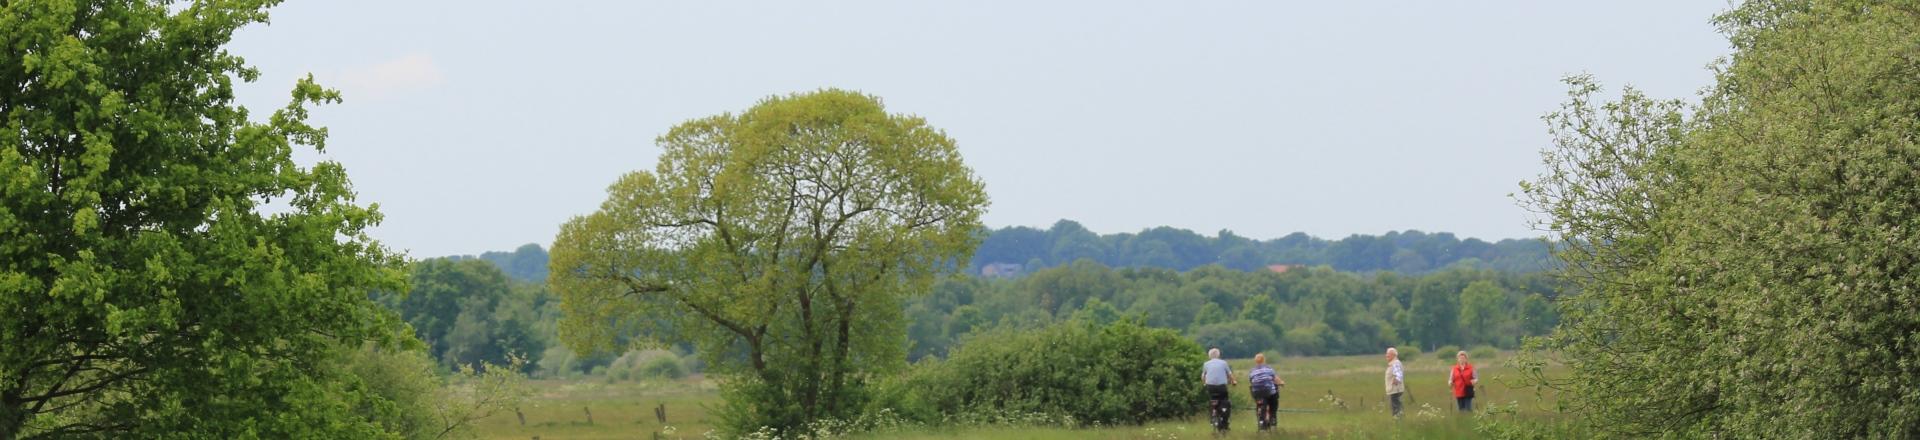 Worpswede Moor (c) Ks